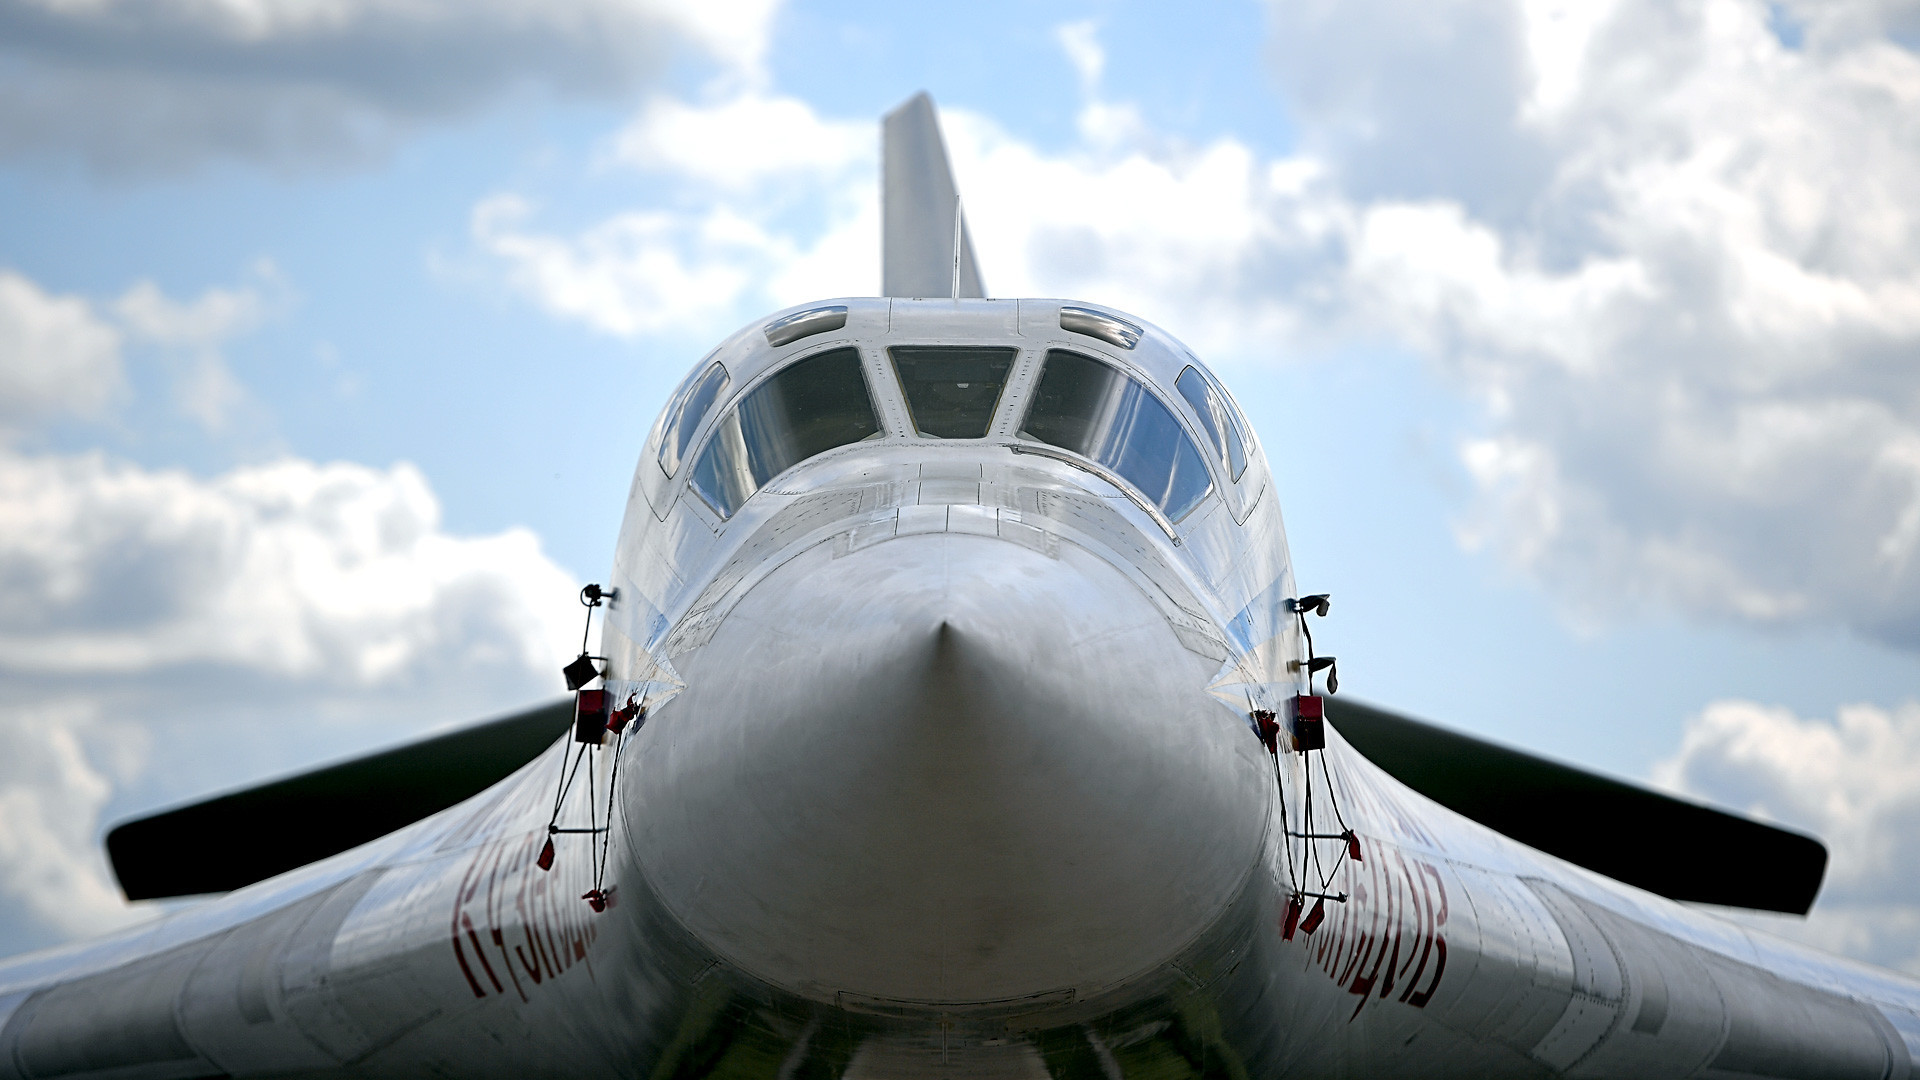 Bomber supersonik strategis kelas berat Tupolev Tu-160 di Pameran Aviasi dan Luar Angkasa Internasional (MAKS-2017) di Zhukovsky.